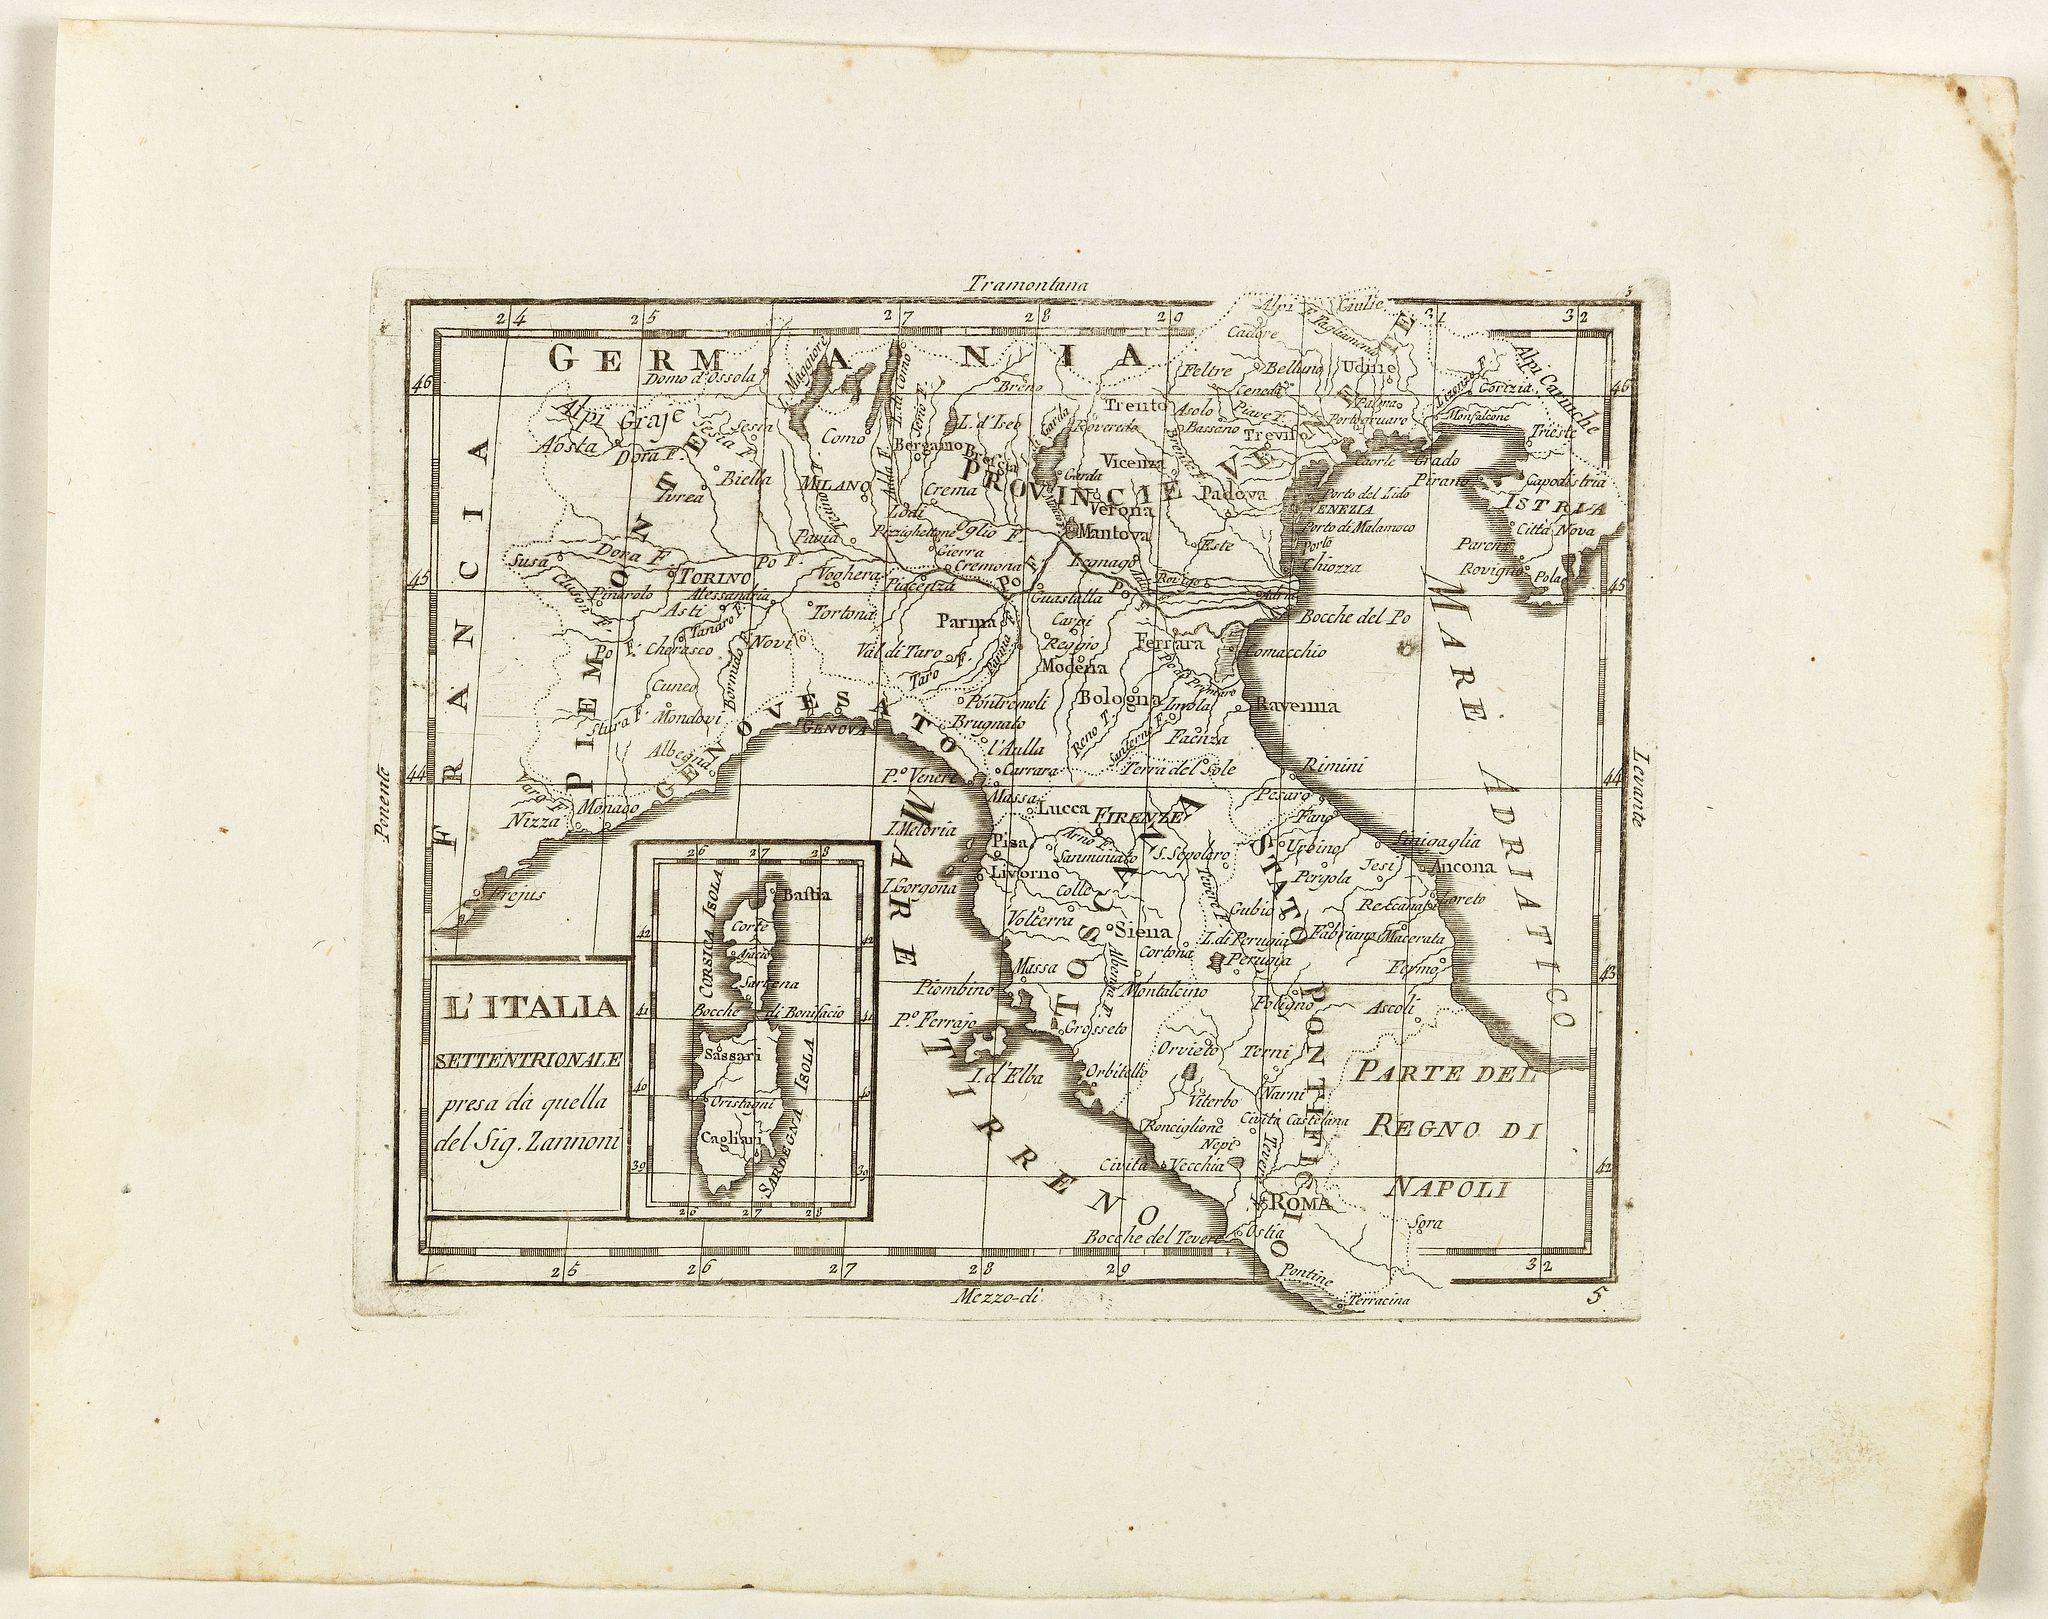 ZEMPEL, G. -  L'Italia Settentrionale presa da quella del Sig. Zannoni.